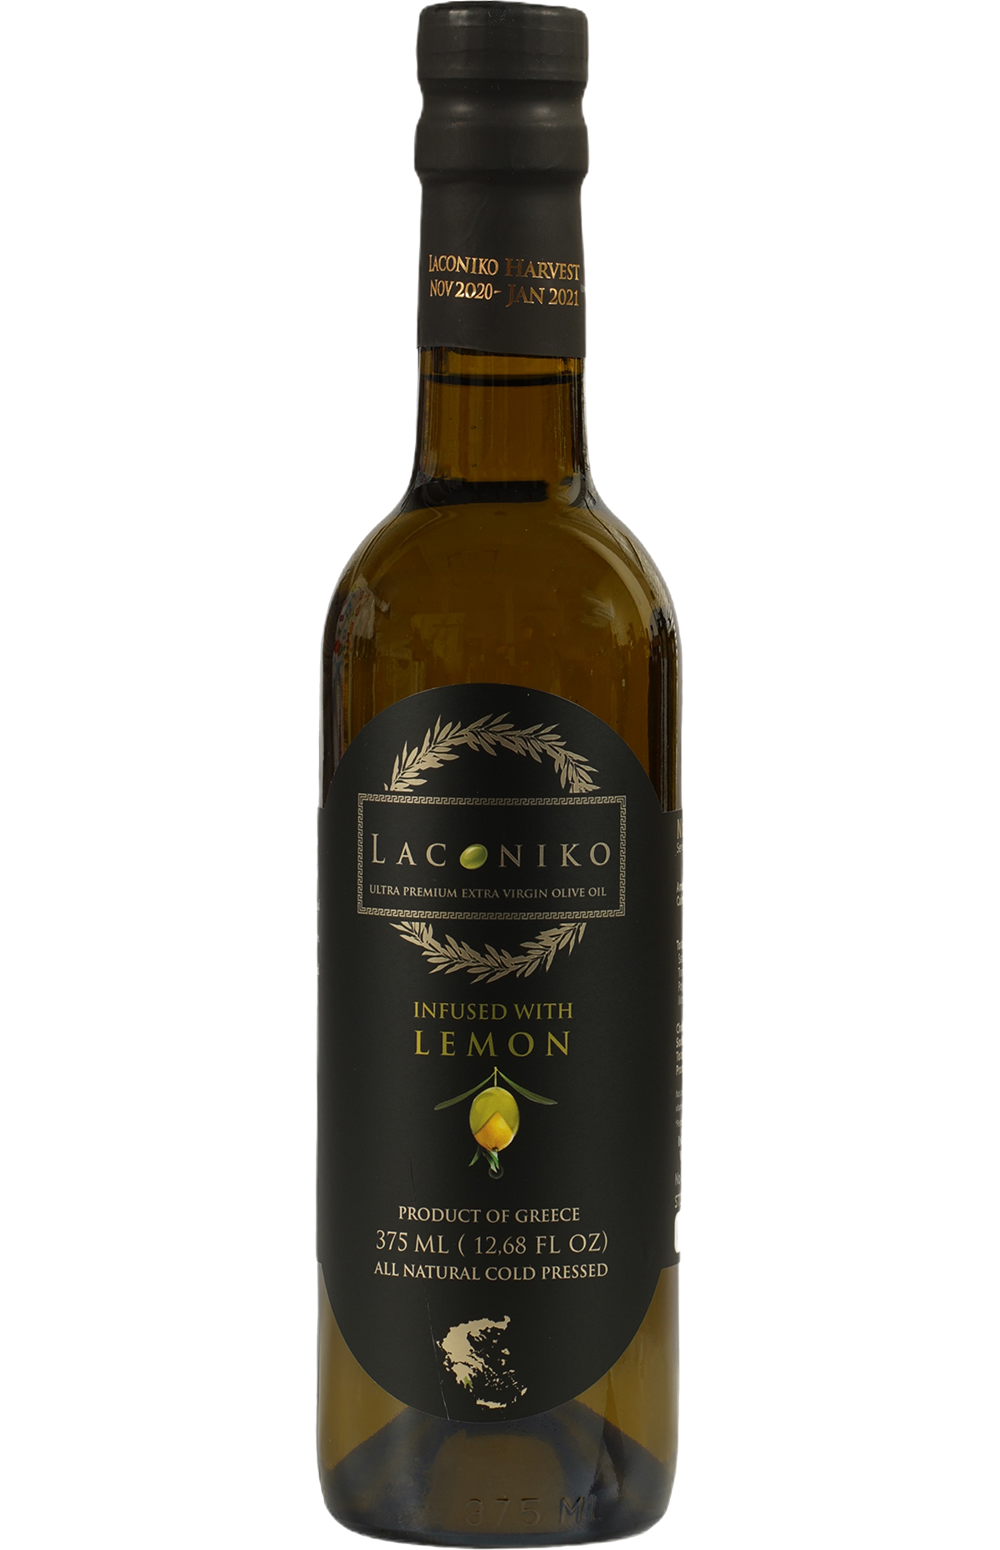 Laconico Lemon